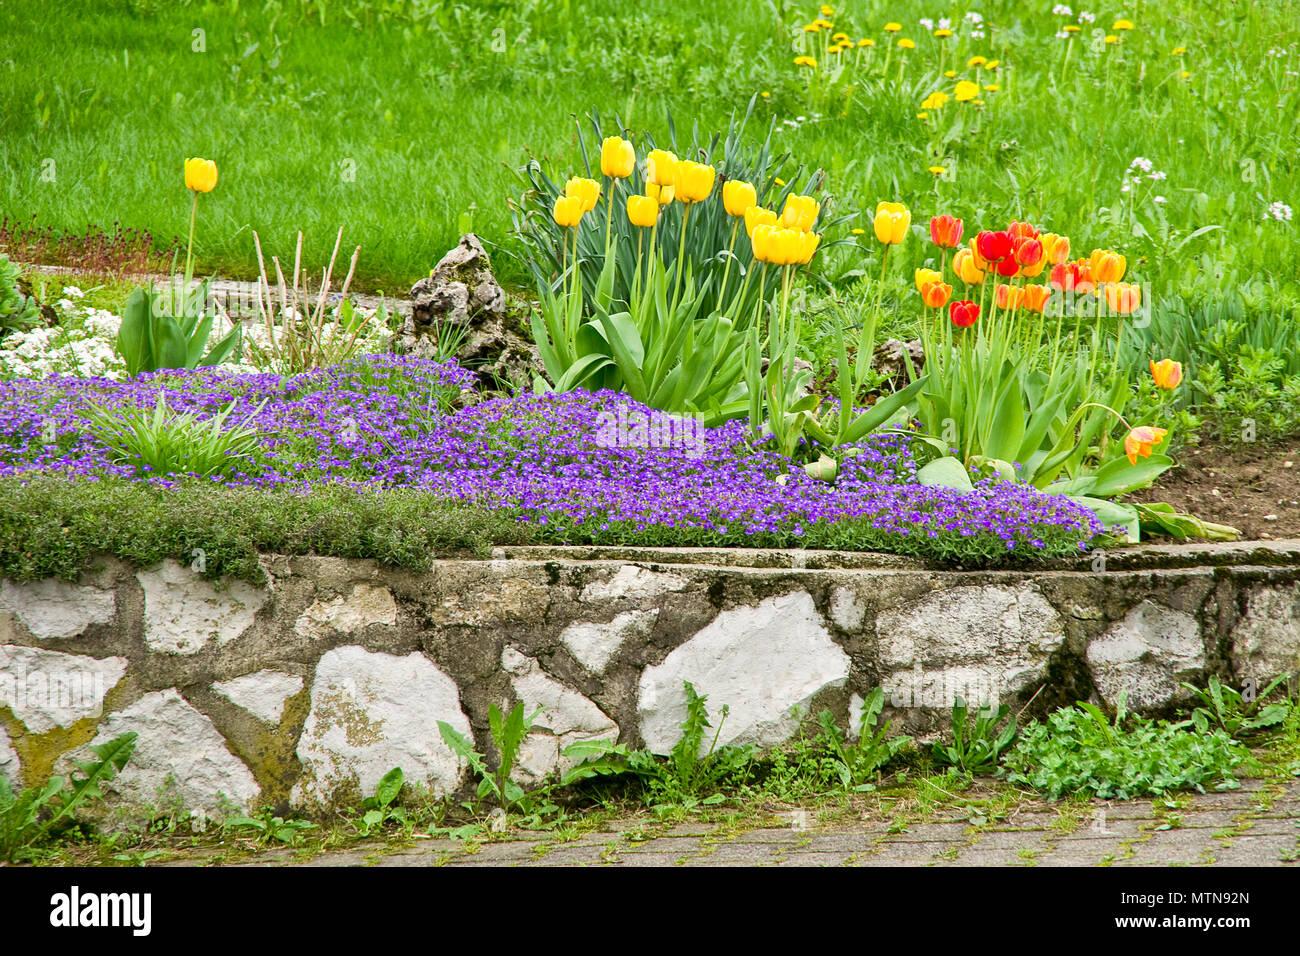 Kleinen Steingarten im Hof mit bunten Frühlingsblumen. Stockbild